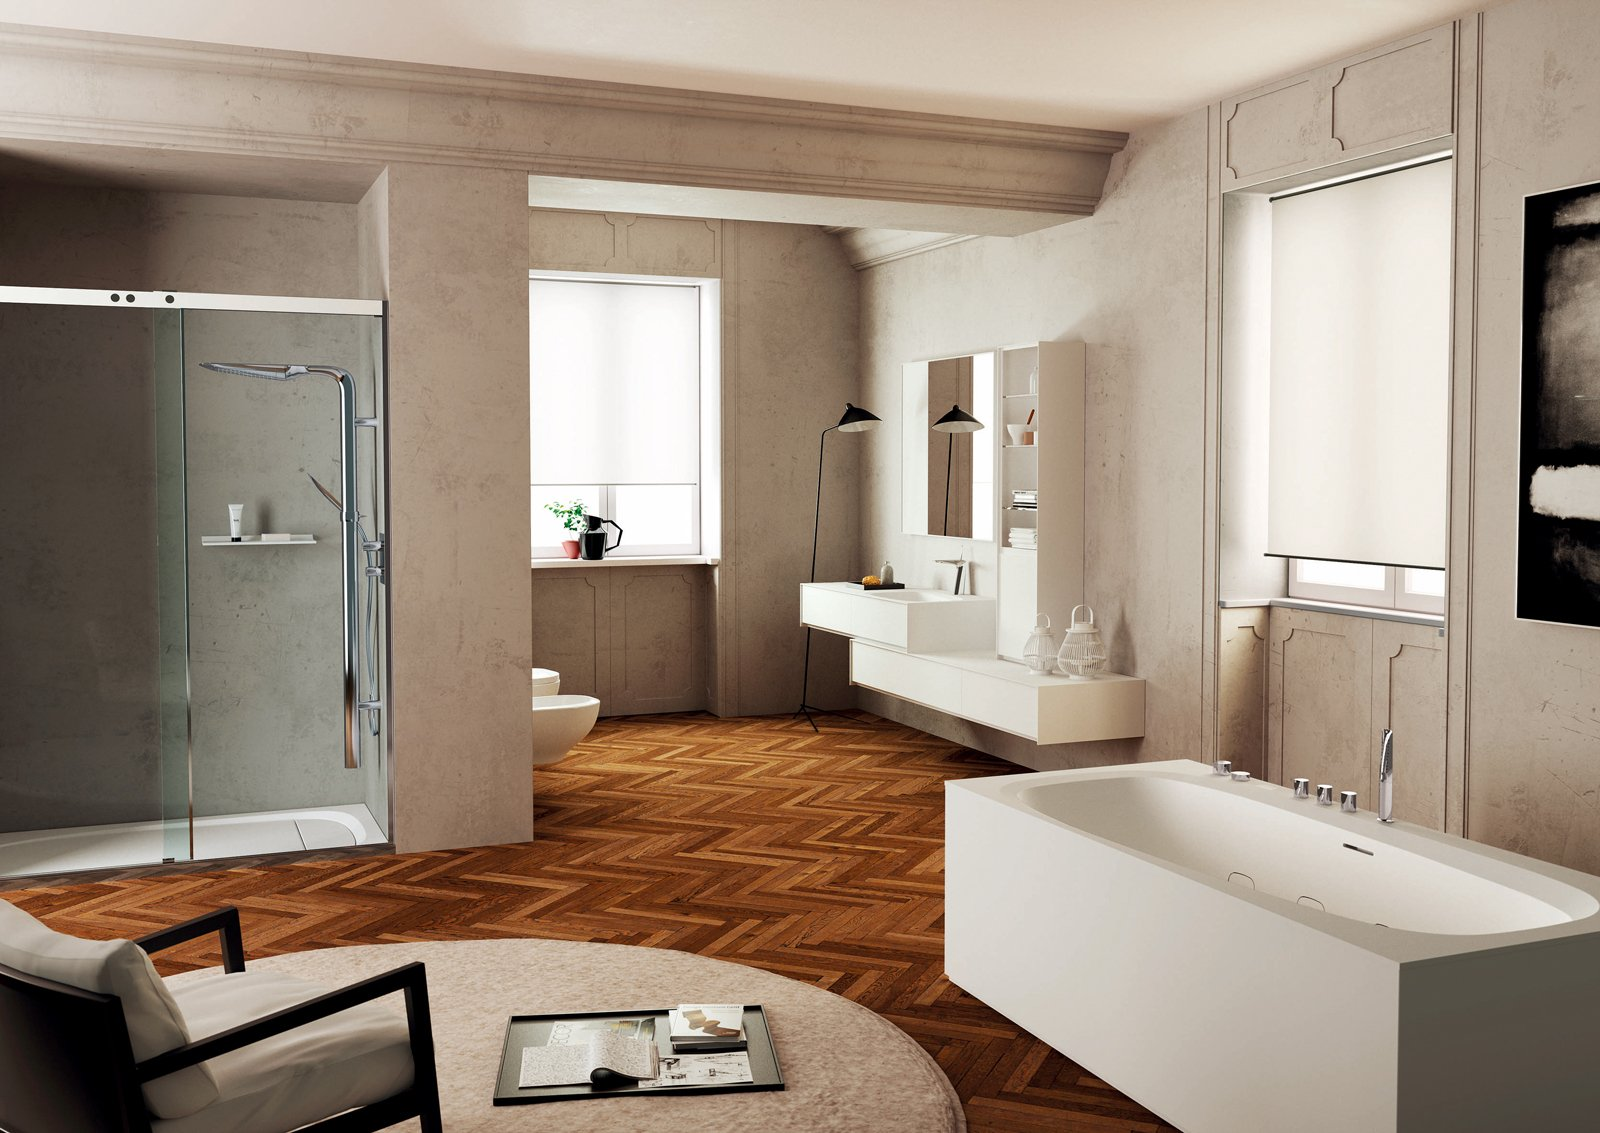 Il bagno a norma cose di casa - Bagno cieco soluzioni ...